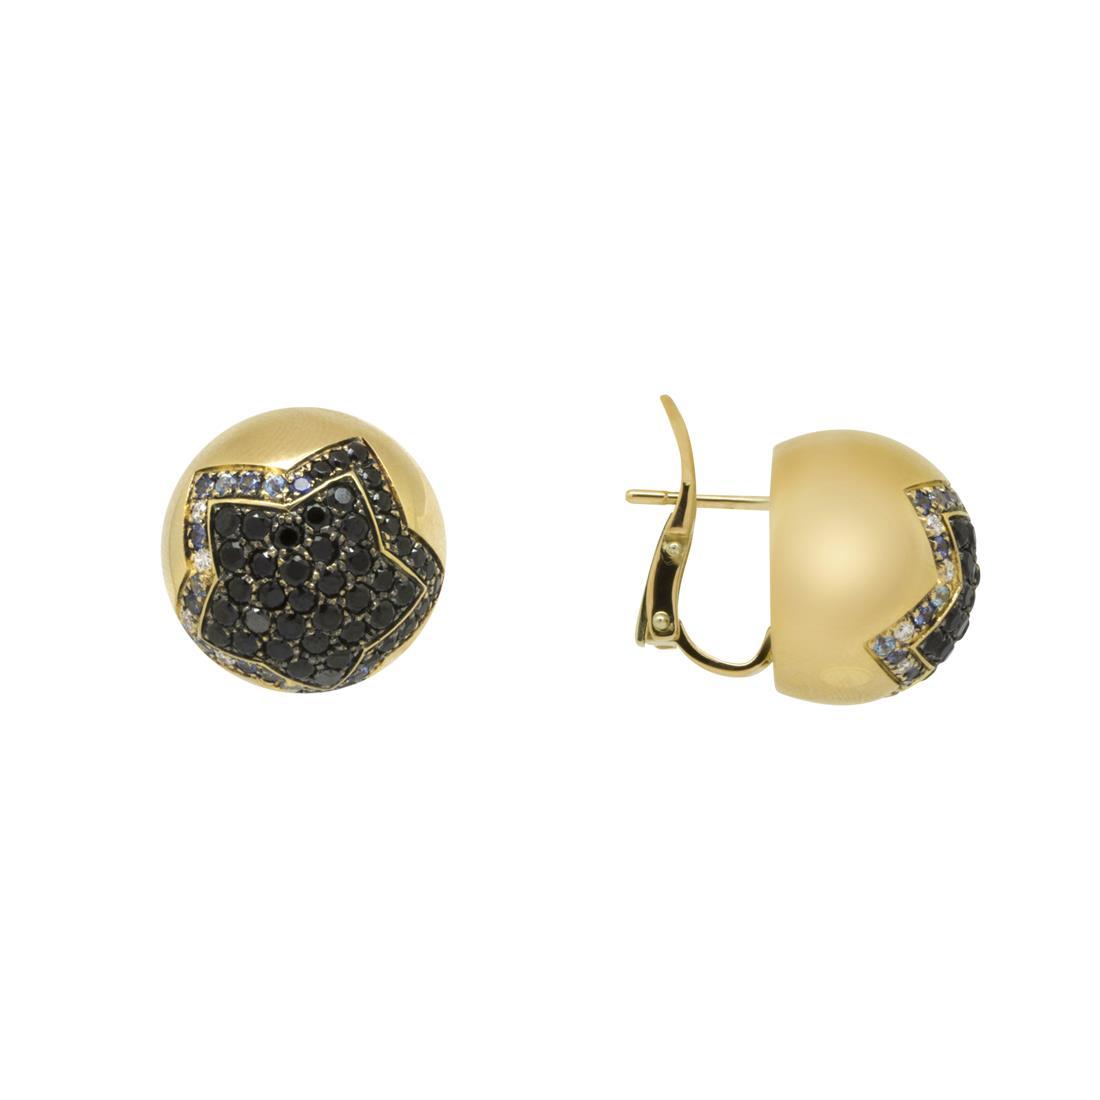 Orecchini in oro con diamanti ct. 0,12 - PASQUALE BRUNI